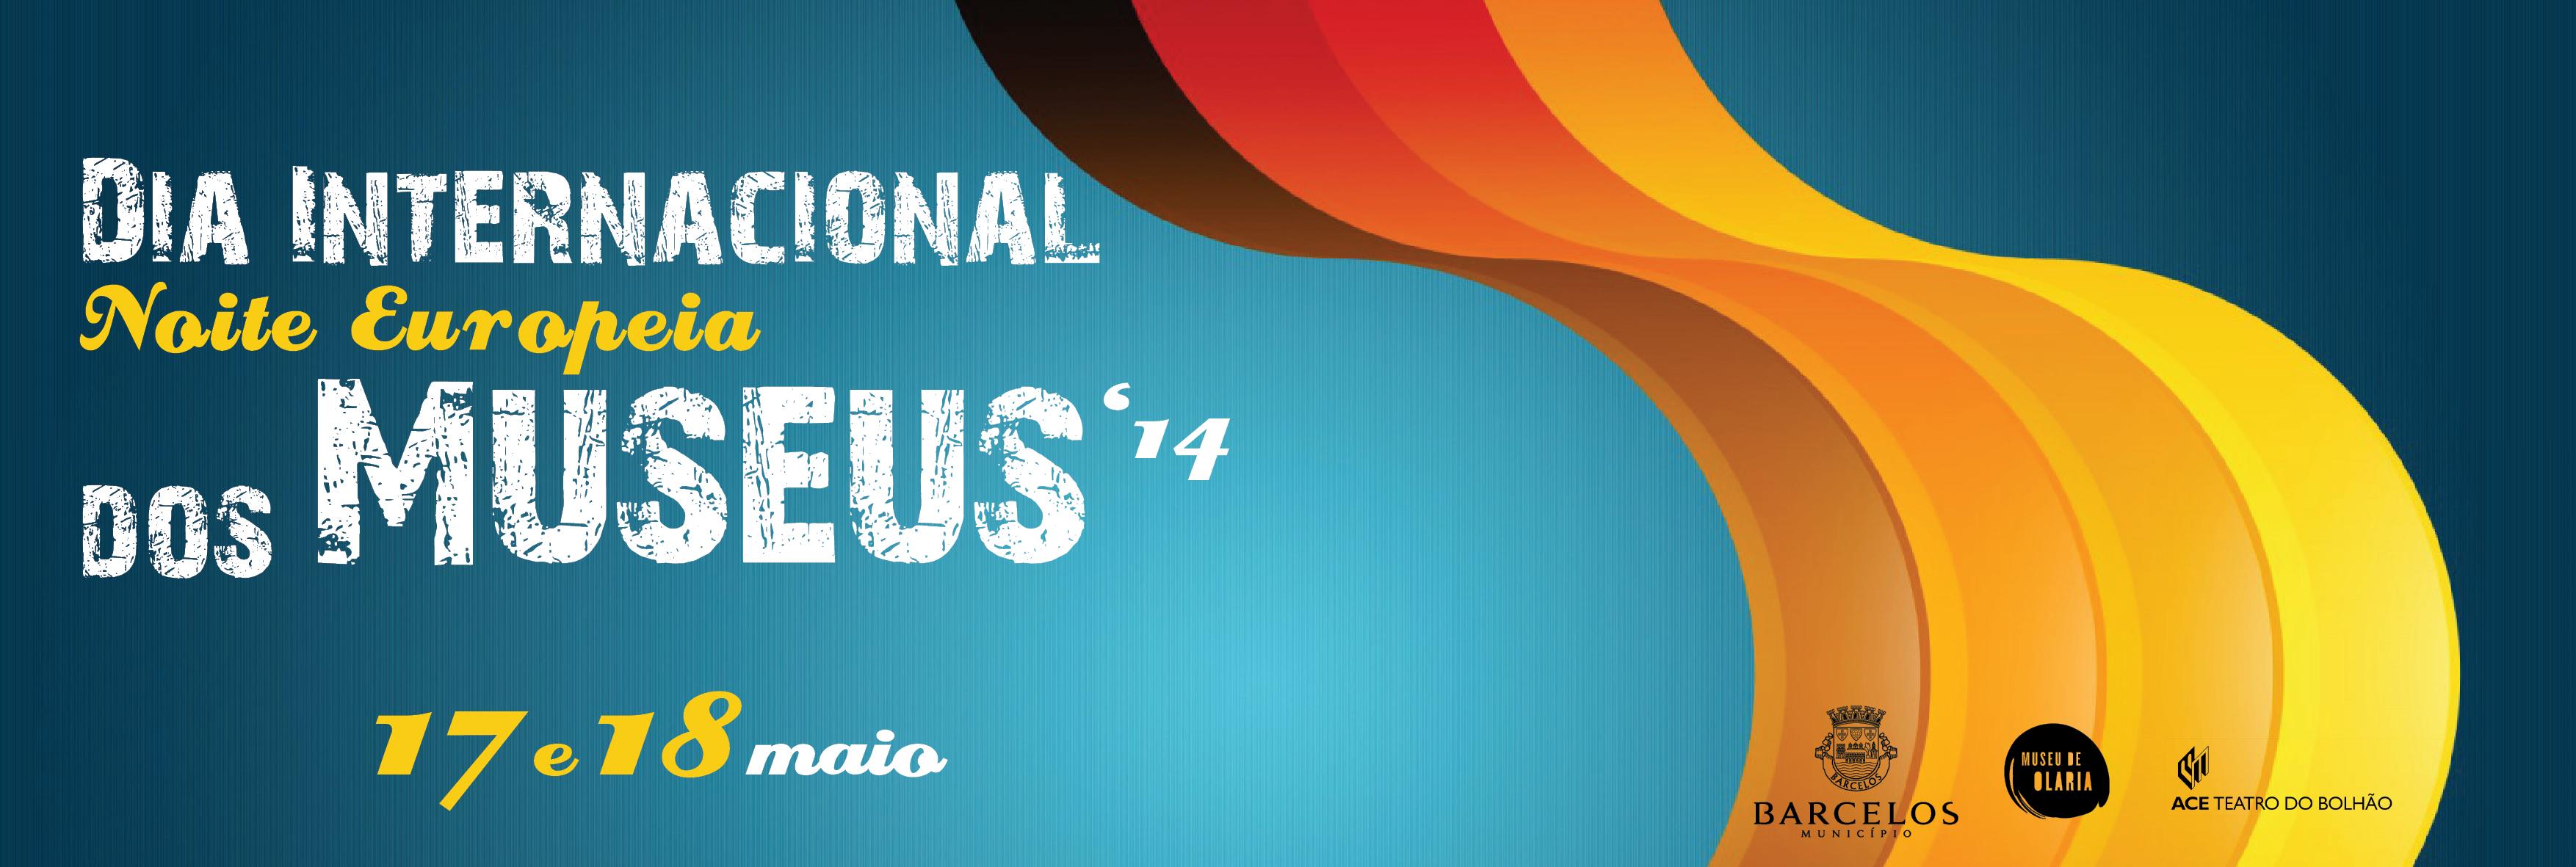 Câmara Municipal comemora Dia Internacional dos Museus